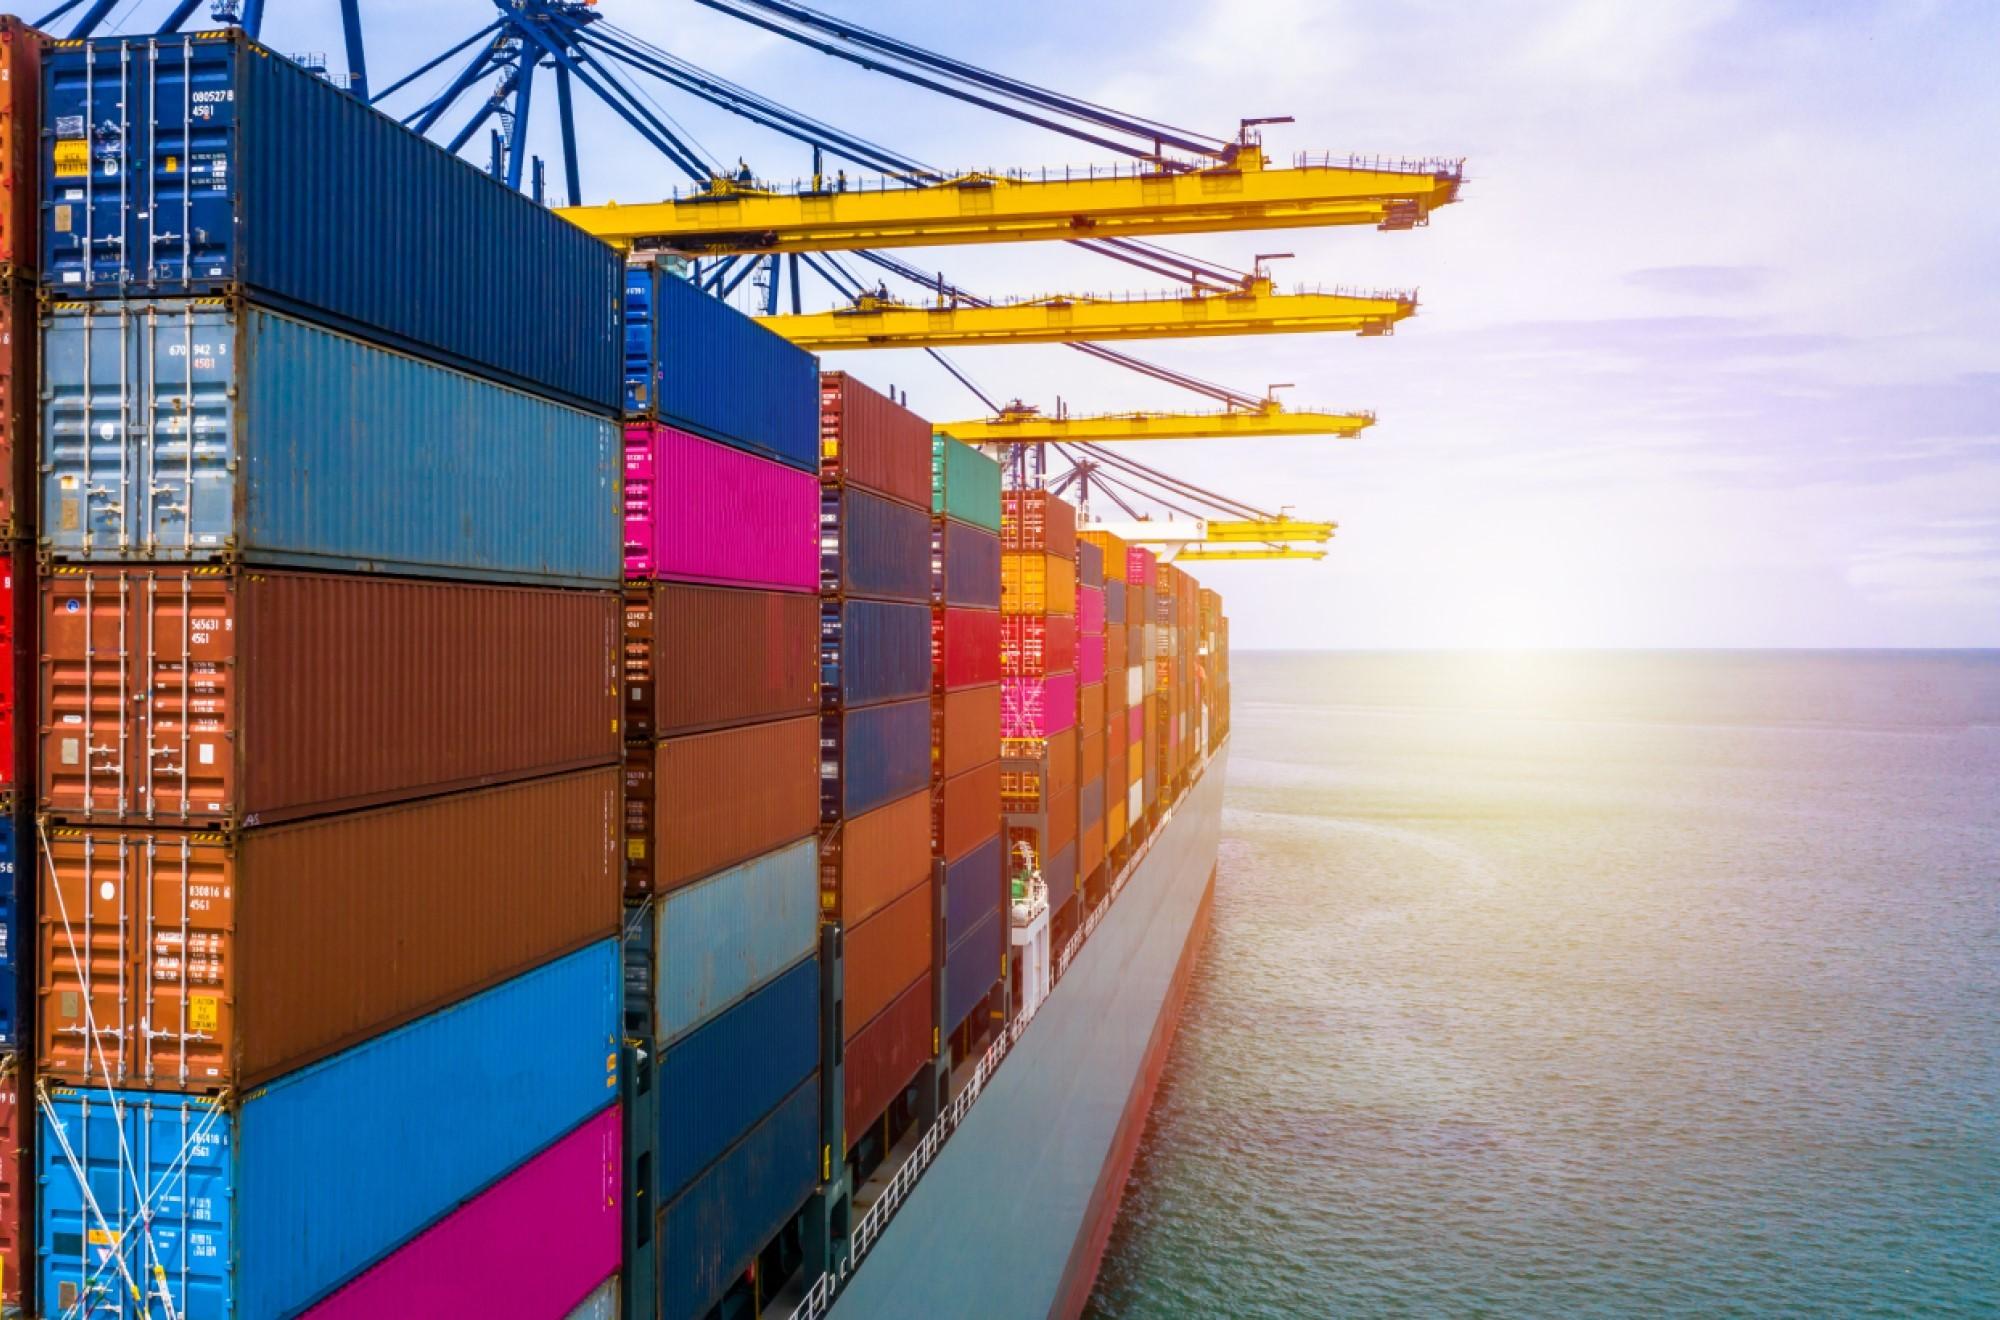 東芝の二次電池が切り開くサステナブルな海上輸送の未来(前編)